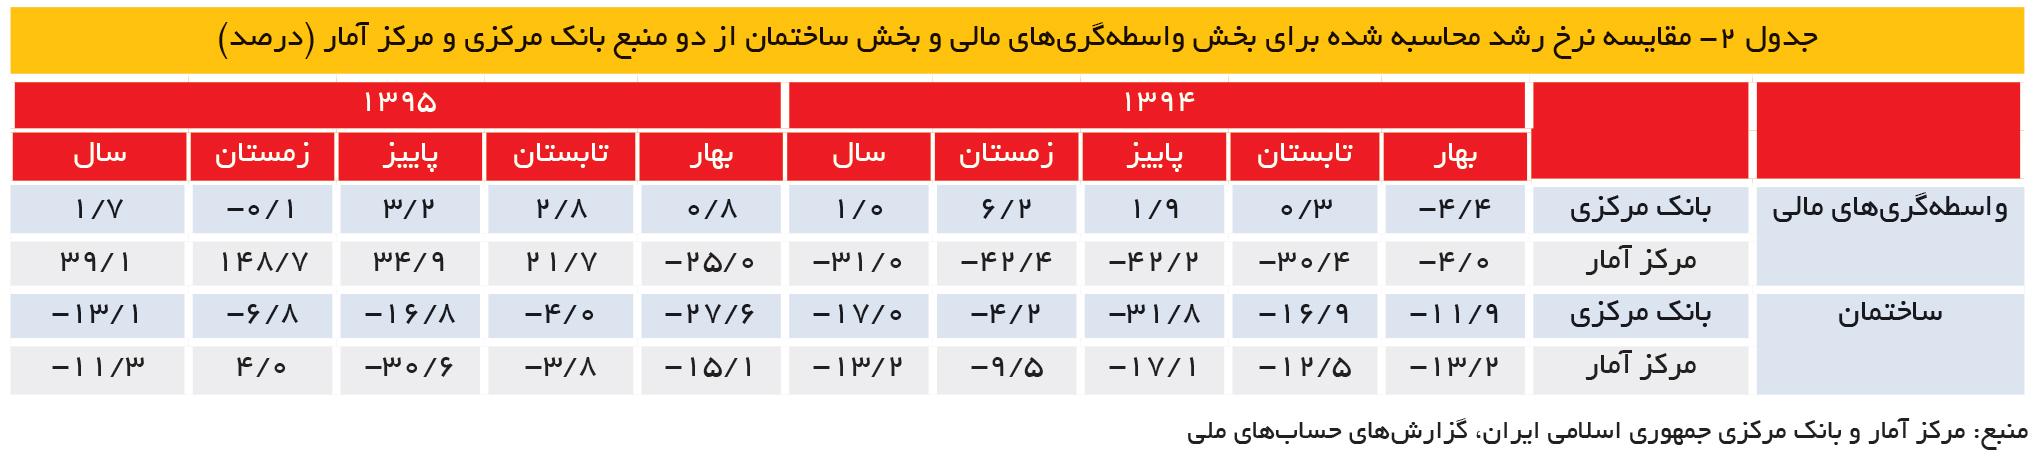 تجارت- فردا- جدول 2- مقایسه نرخ رشد محاسبه شده برای بخش واسطهگریهای مالی و بخش ساختمان از دو منبع بانک مرکزی و مرکز آمار (درصد)